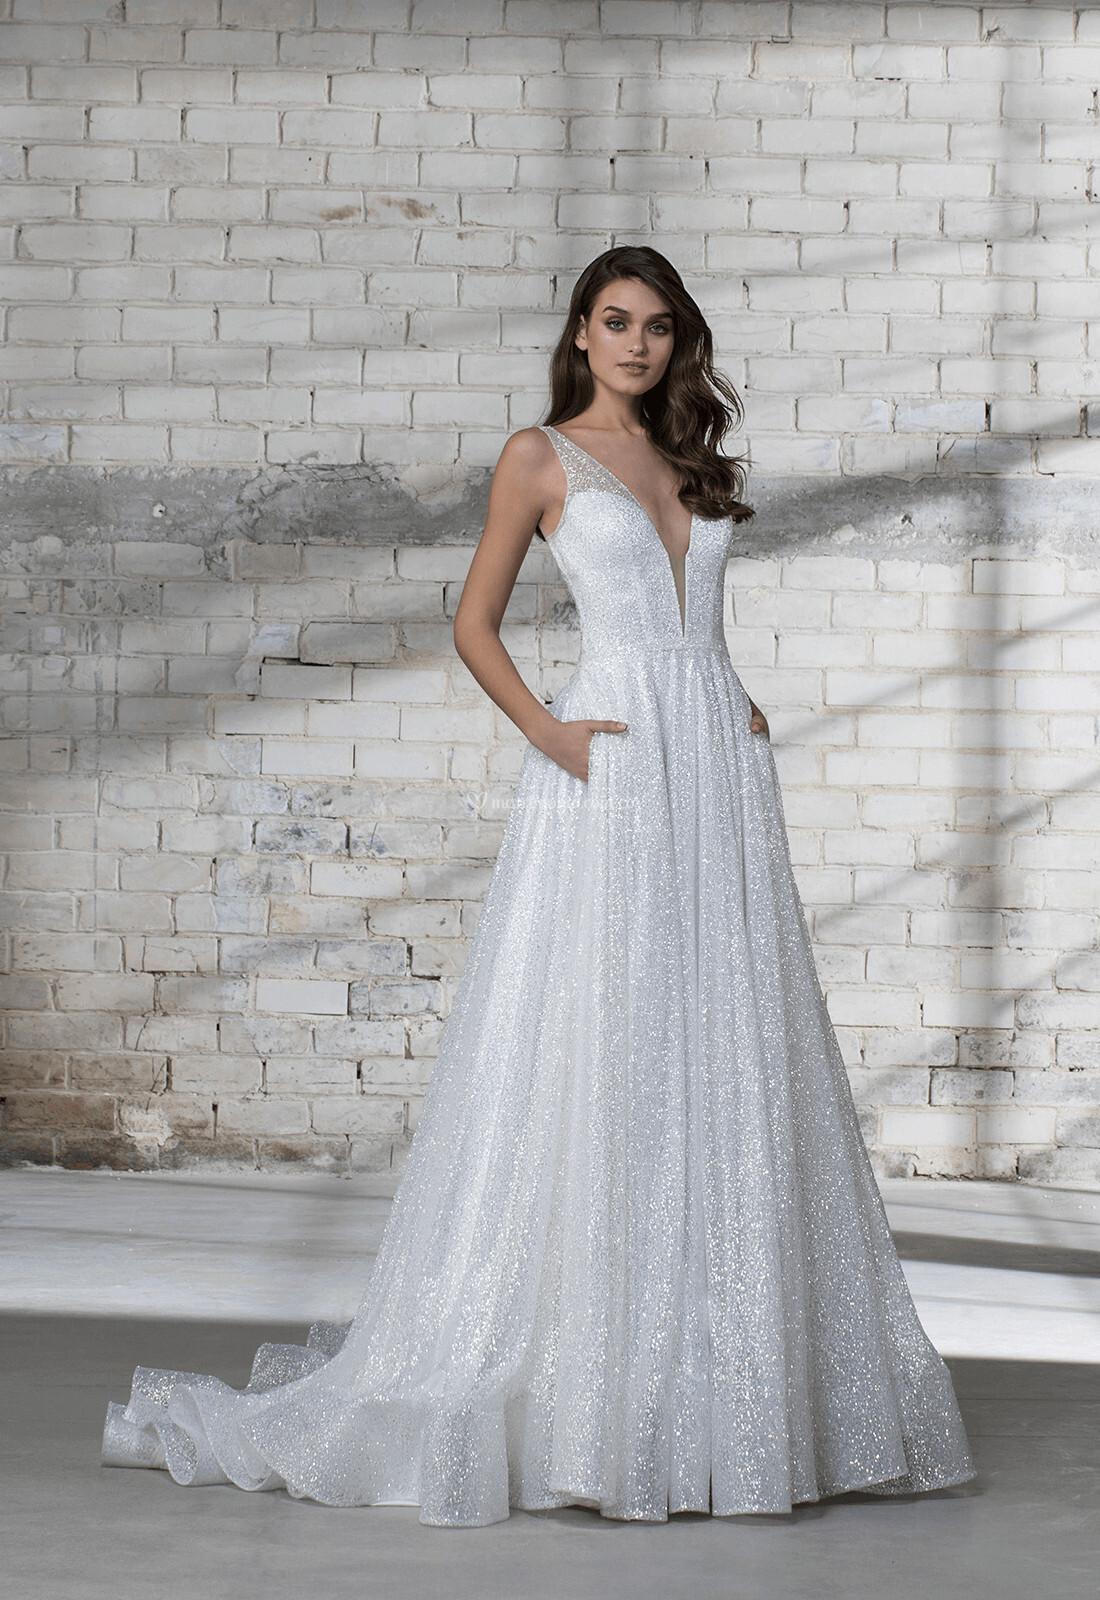 Vestidos de novia pnina tornai baratos